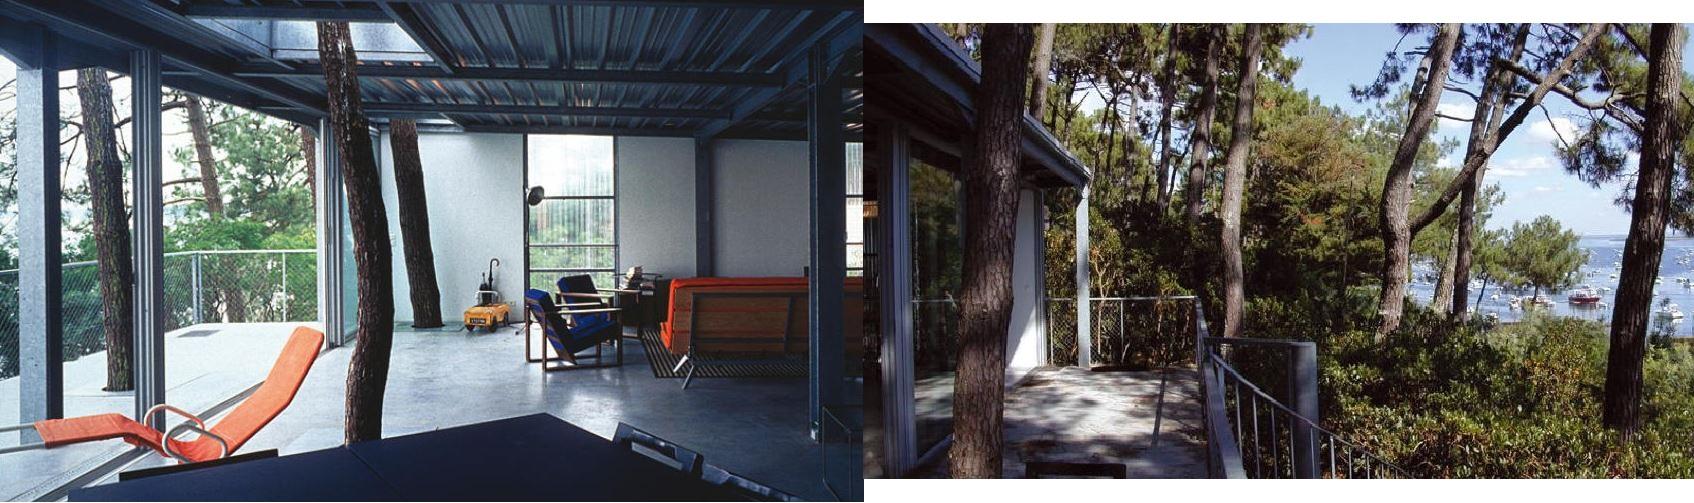 Резиденция в Кап-Ферре, фото: официальный сайт архитектурного бюро Lacaton & Vassal